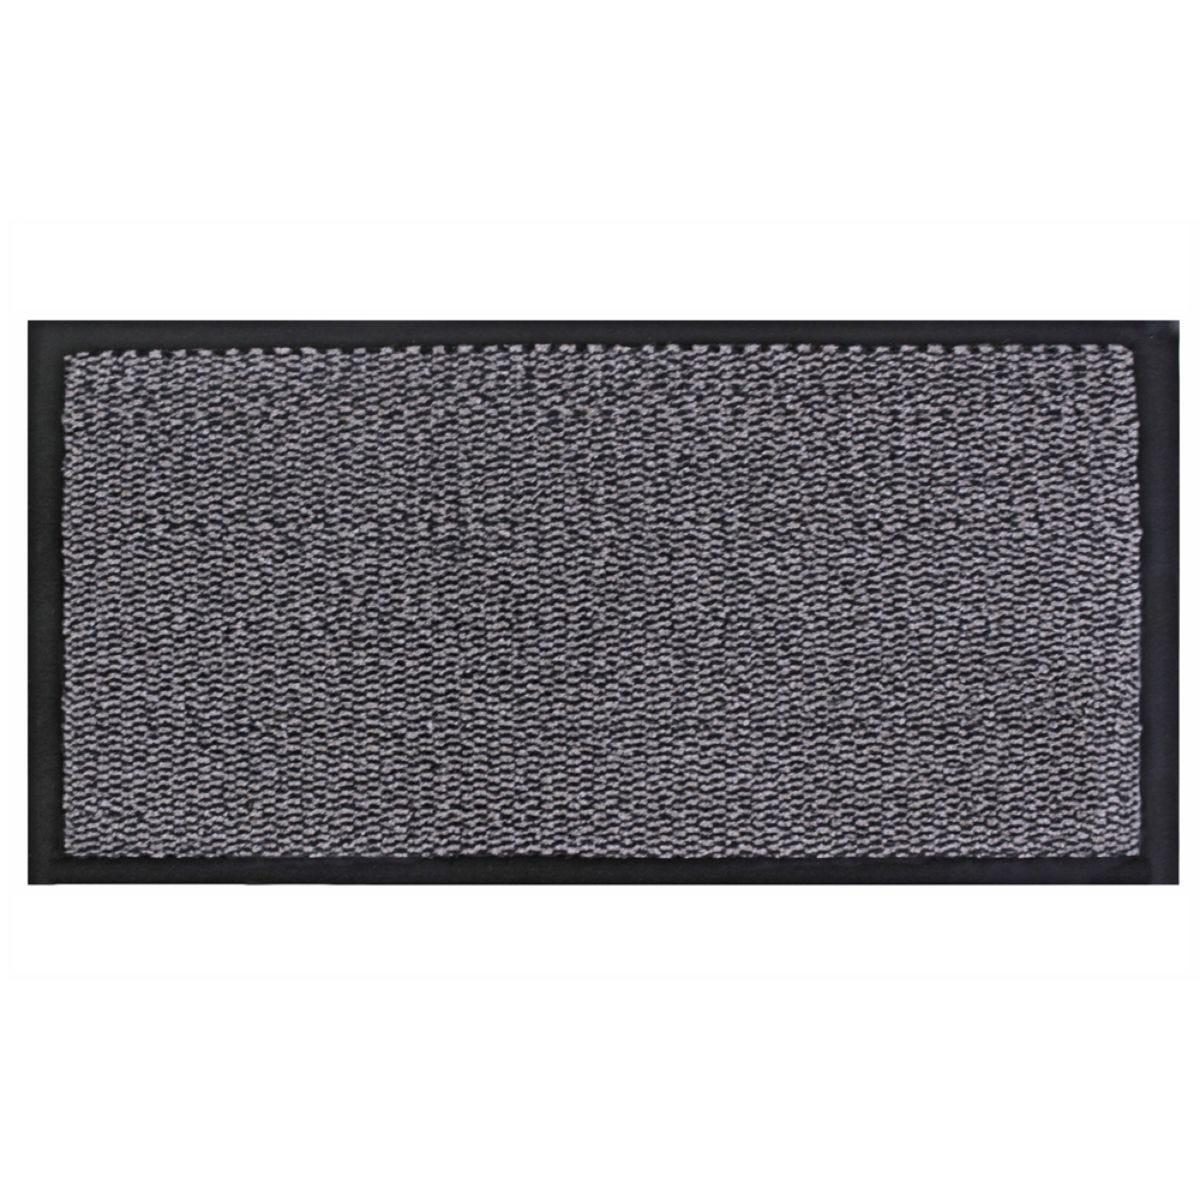 JVL Heavy Duty Commodore Backed Barrier Door Floor Mat Grey/Black 80 x 140 cm